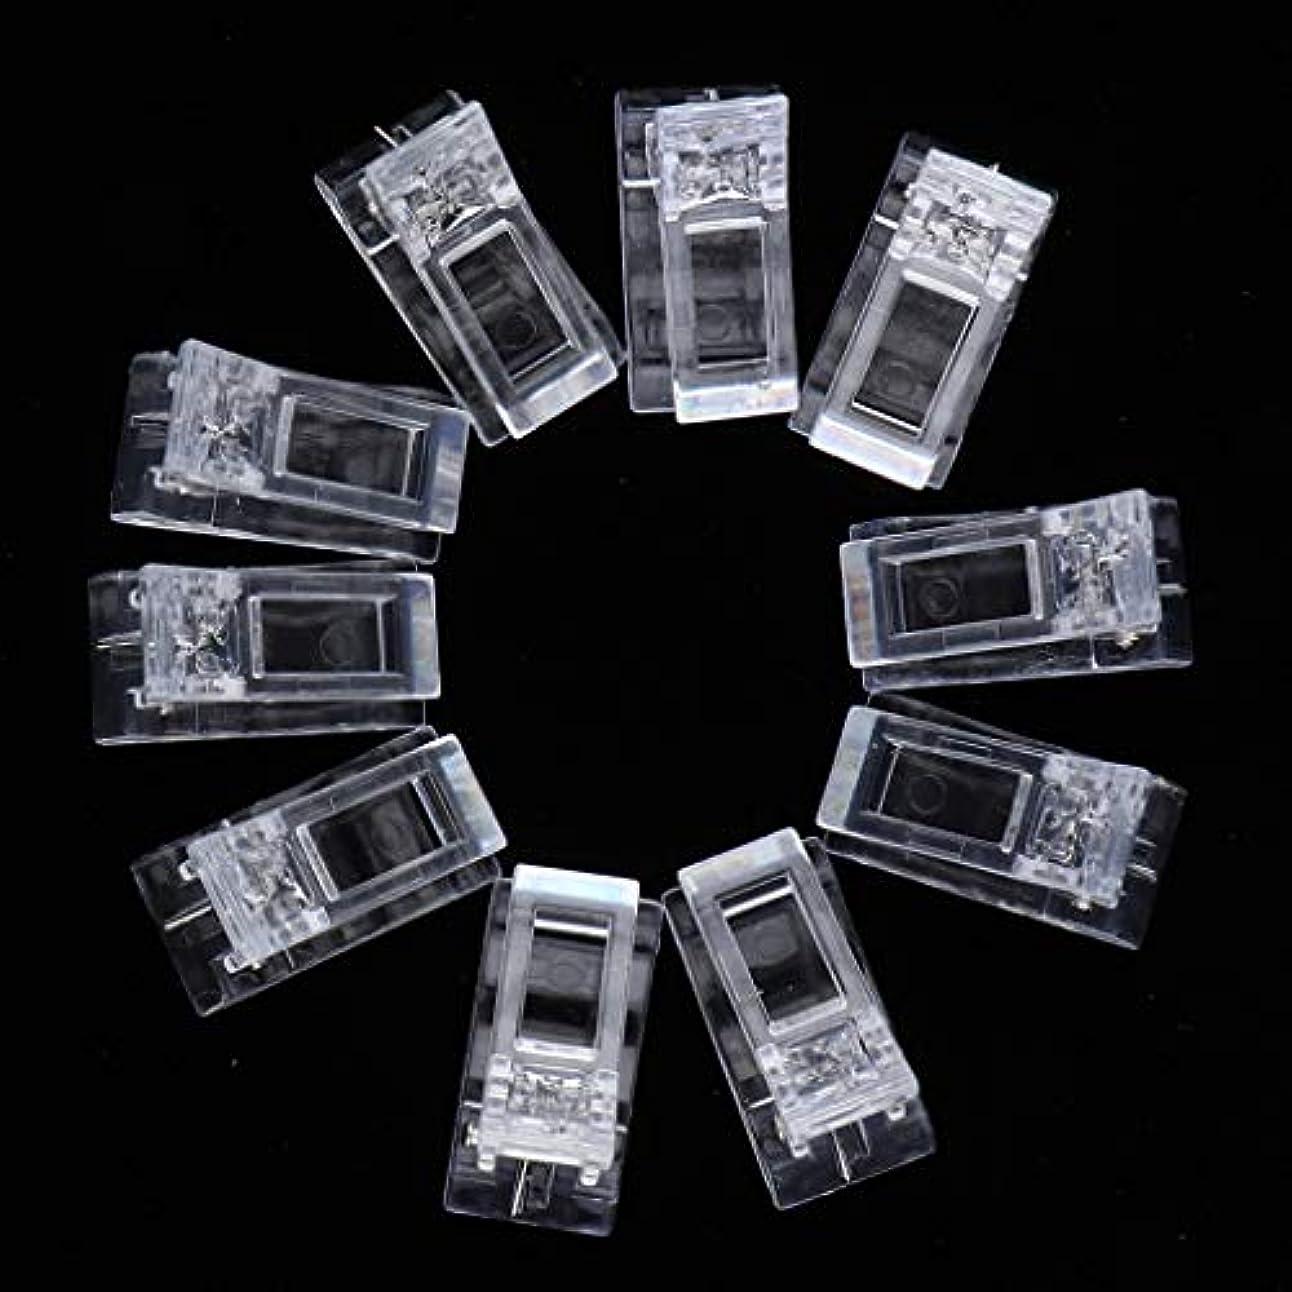 考える感性確立しますクリア ネイルクリップ ネイル固定クリップ ネイルチップ ネイルアート UVゲルビルダツール 10個